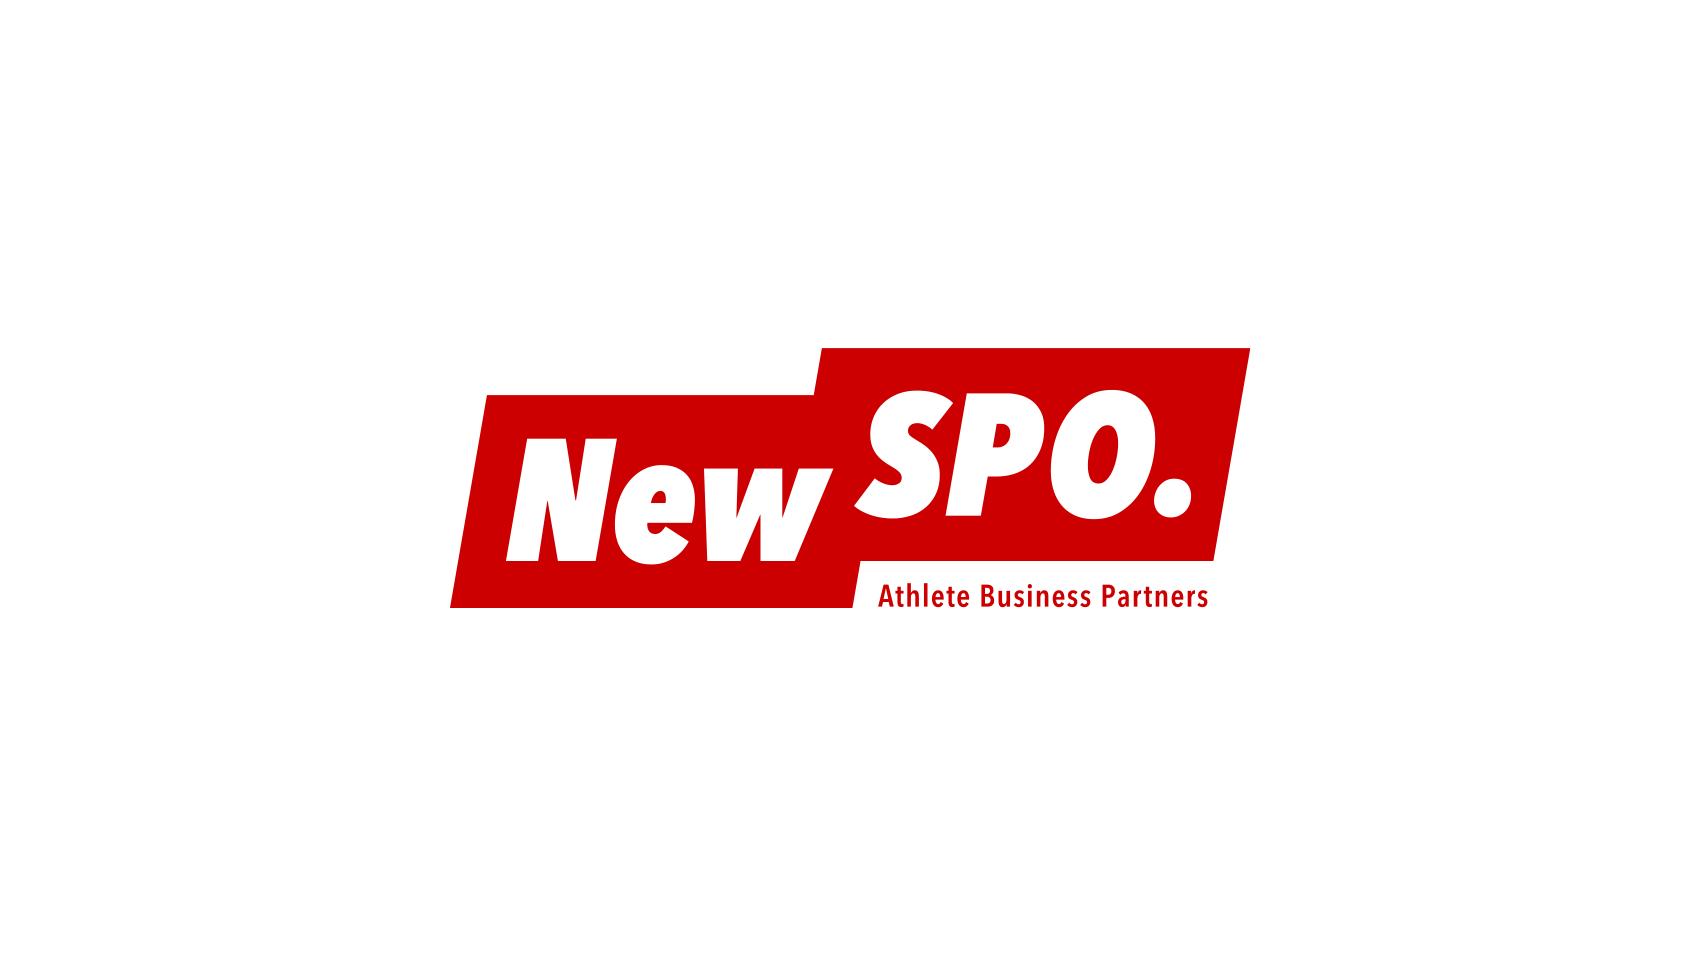 アスリートを支援・マネジメントする「株式会社NewSPO.」のロゴデザイン